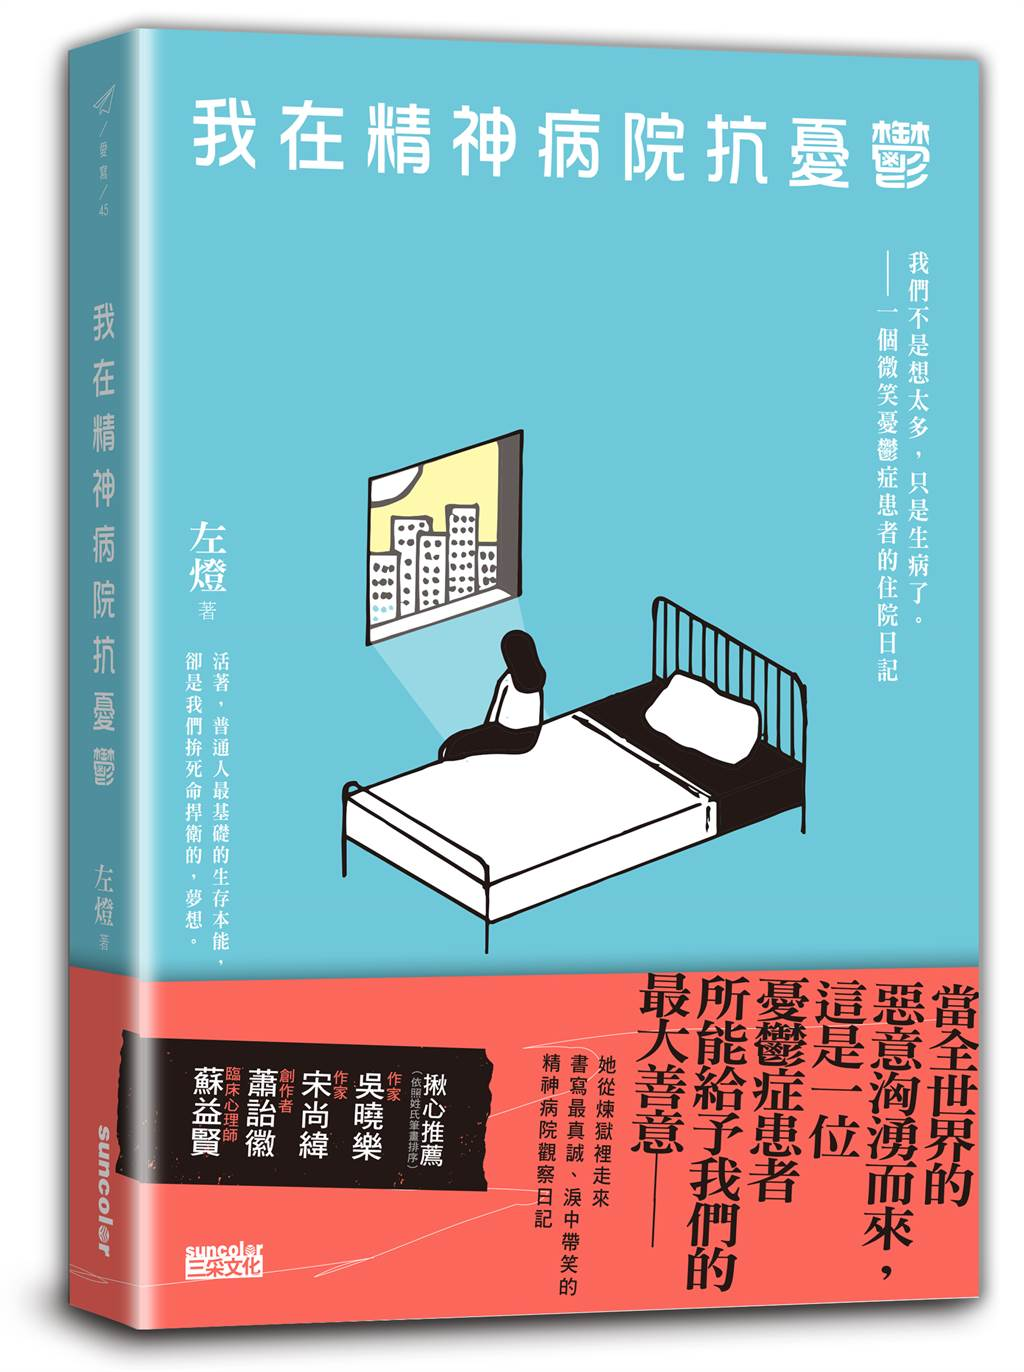 《我在精神病院抗憂鬱:我們不是想太多,只是生病了,一個微笑憂鬱症患者的住院日記》/三采文化出版